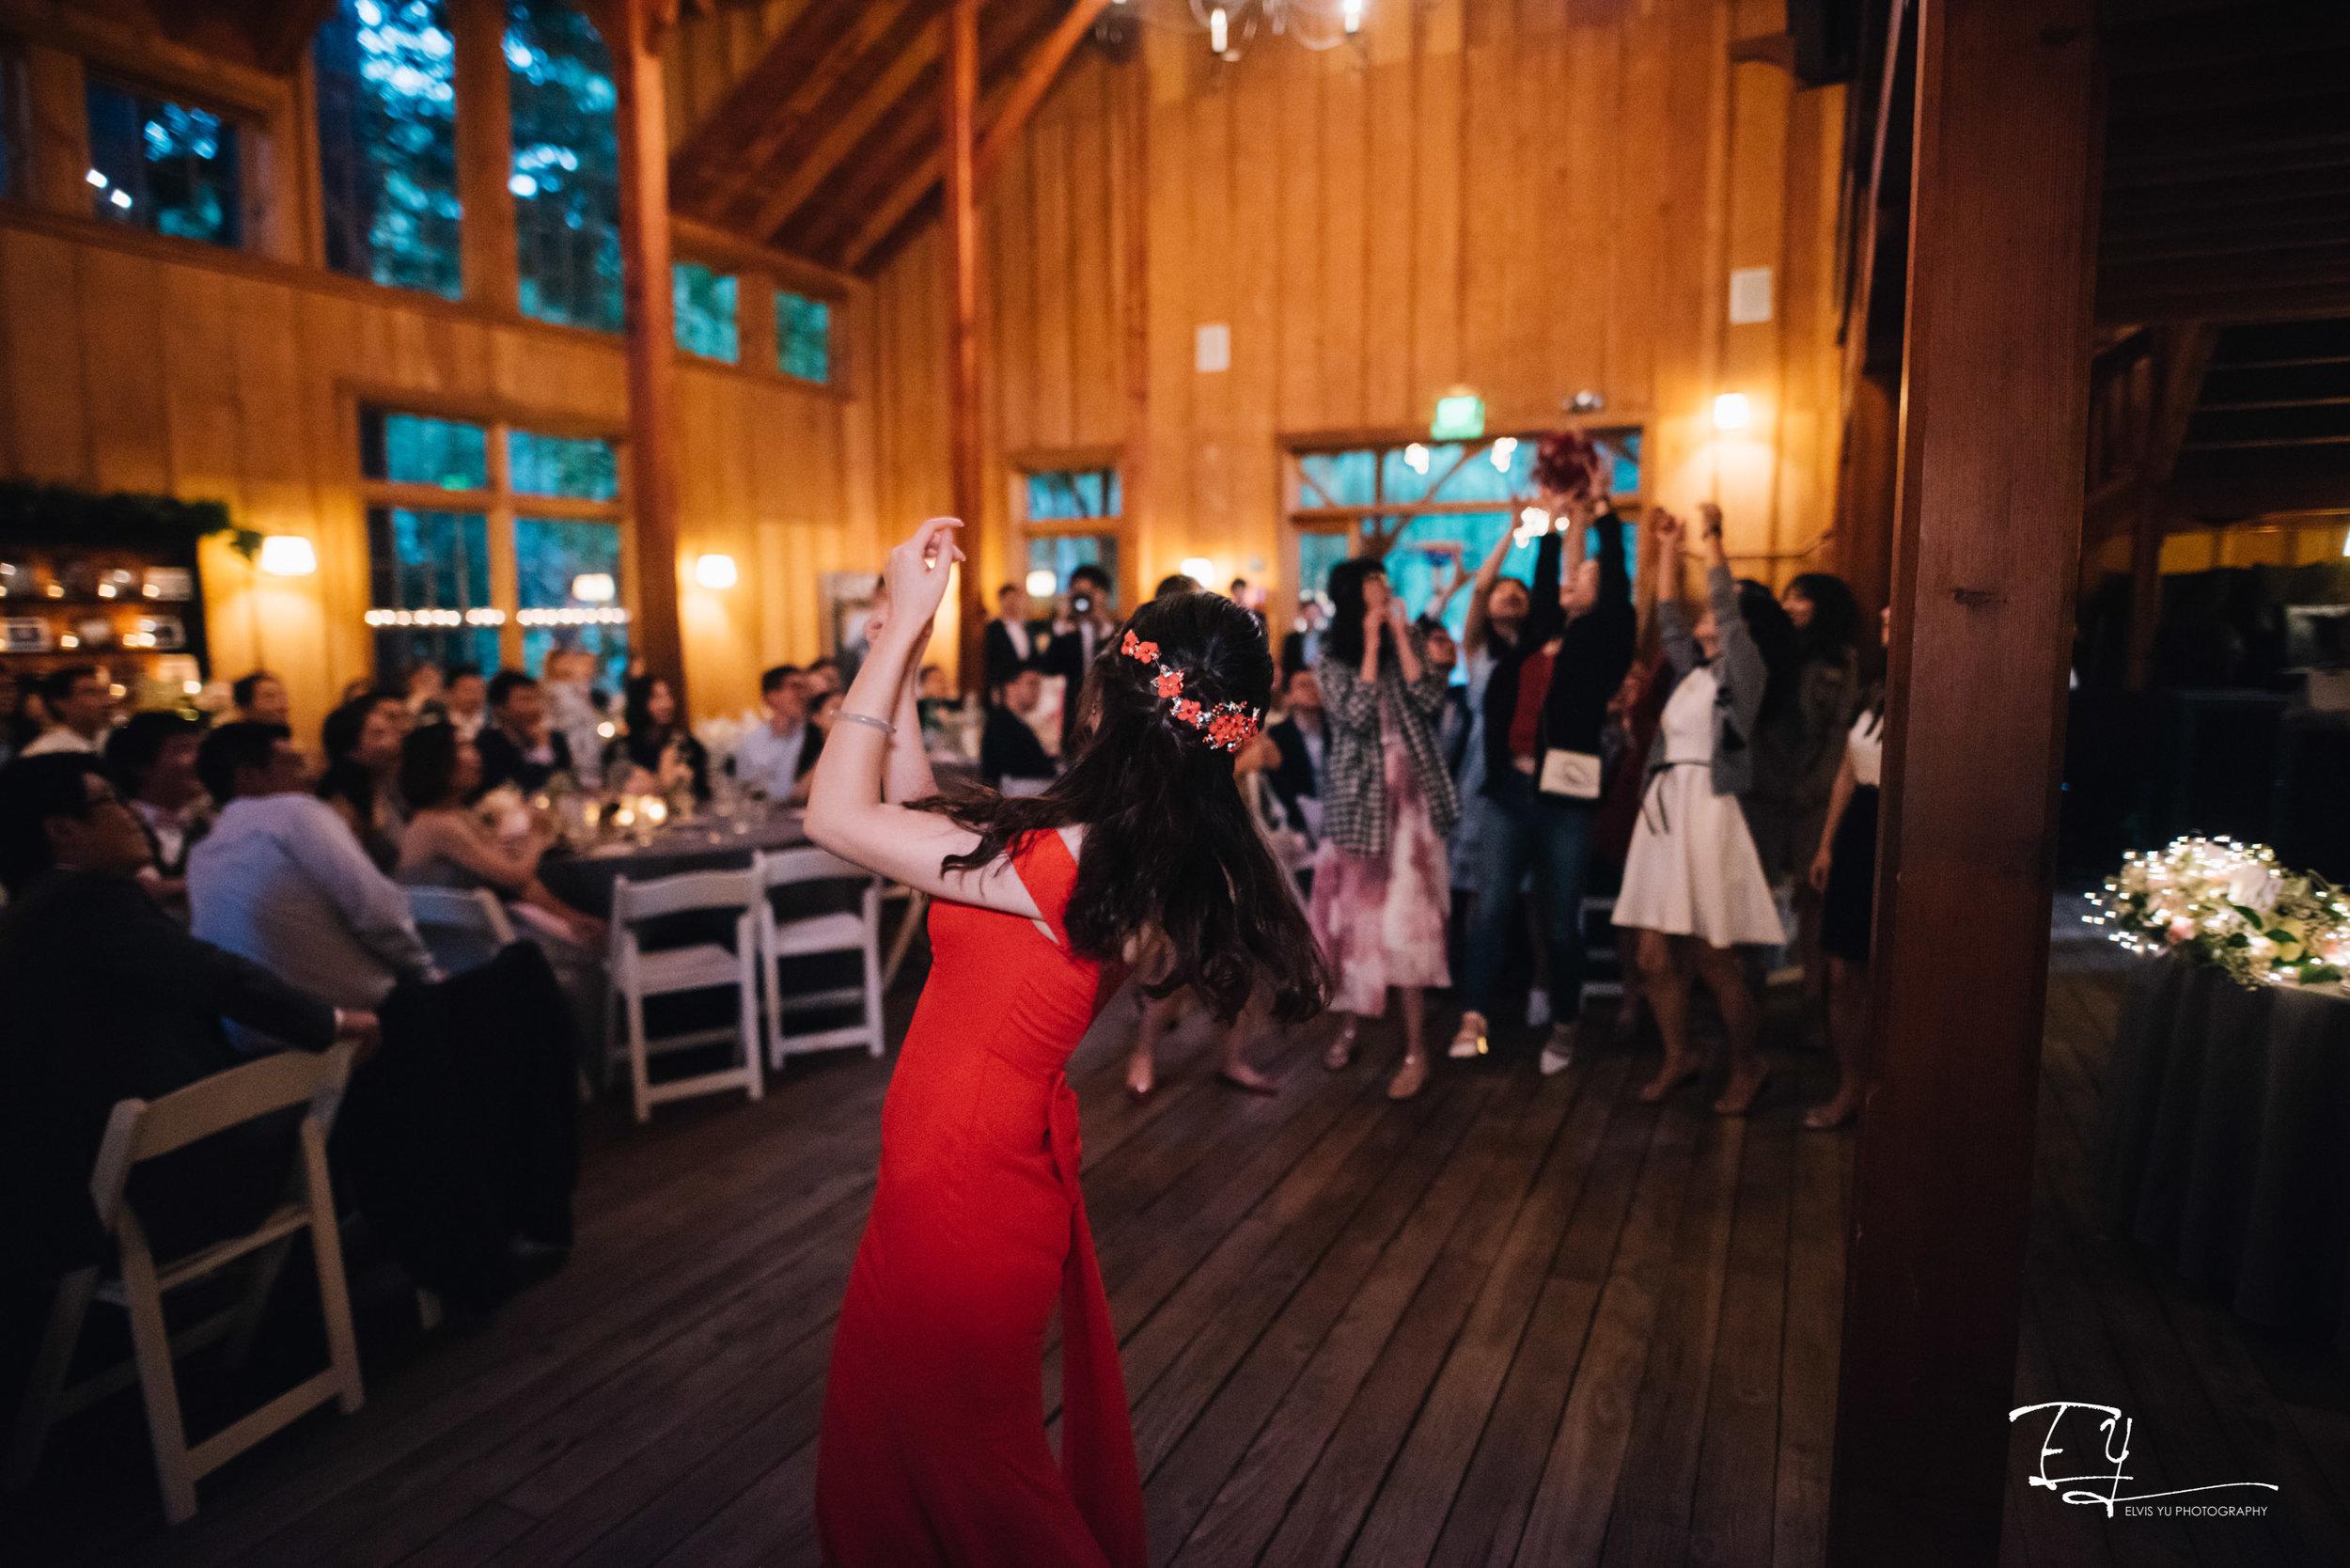 mona-zi-wedding-elvis-yu-photography-nestldown-14.jpg